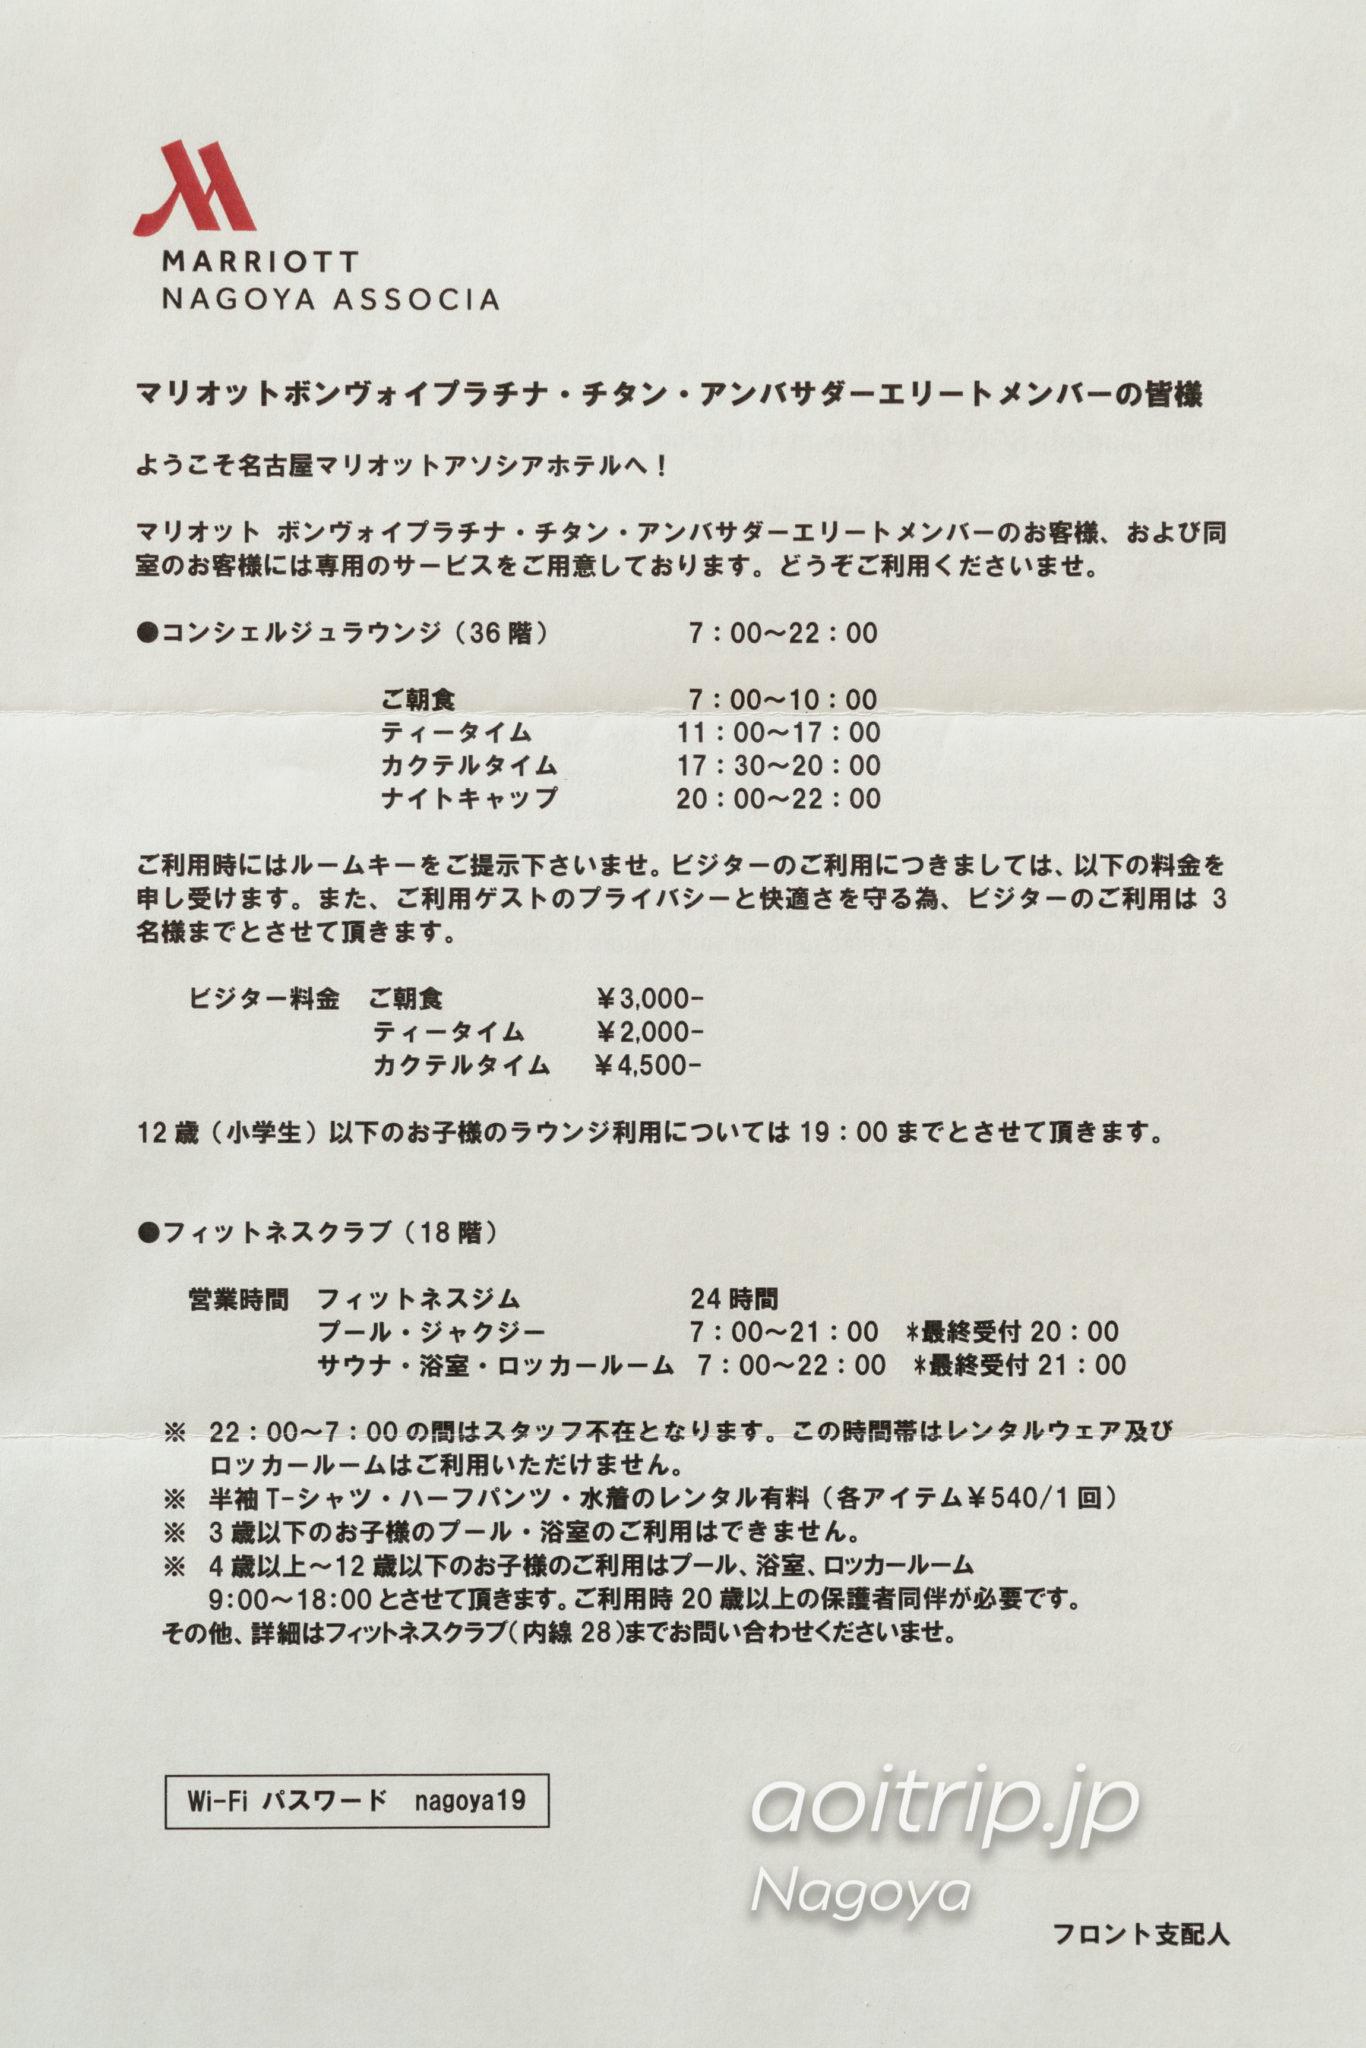 名古屋マリオットアソシアホテルのクラブラウンジの概要と営業時間